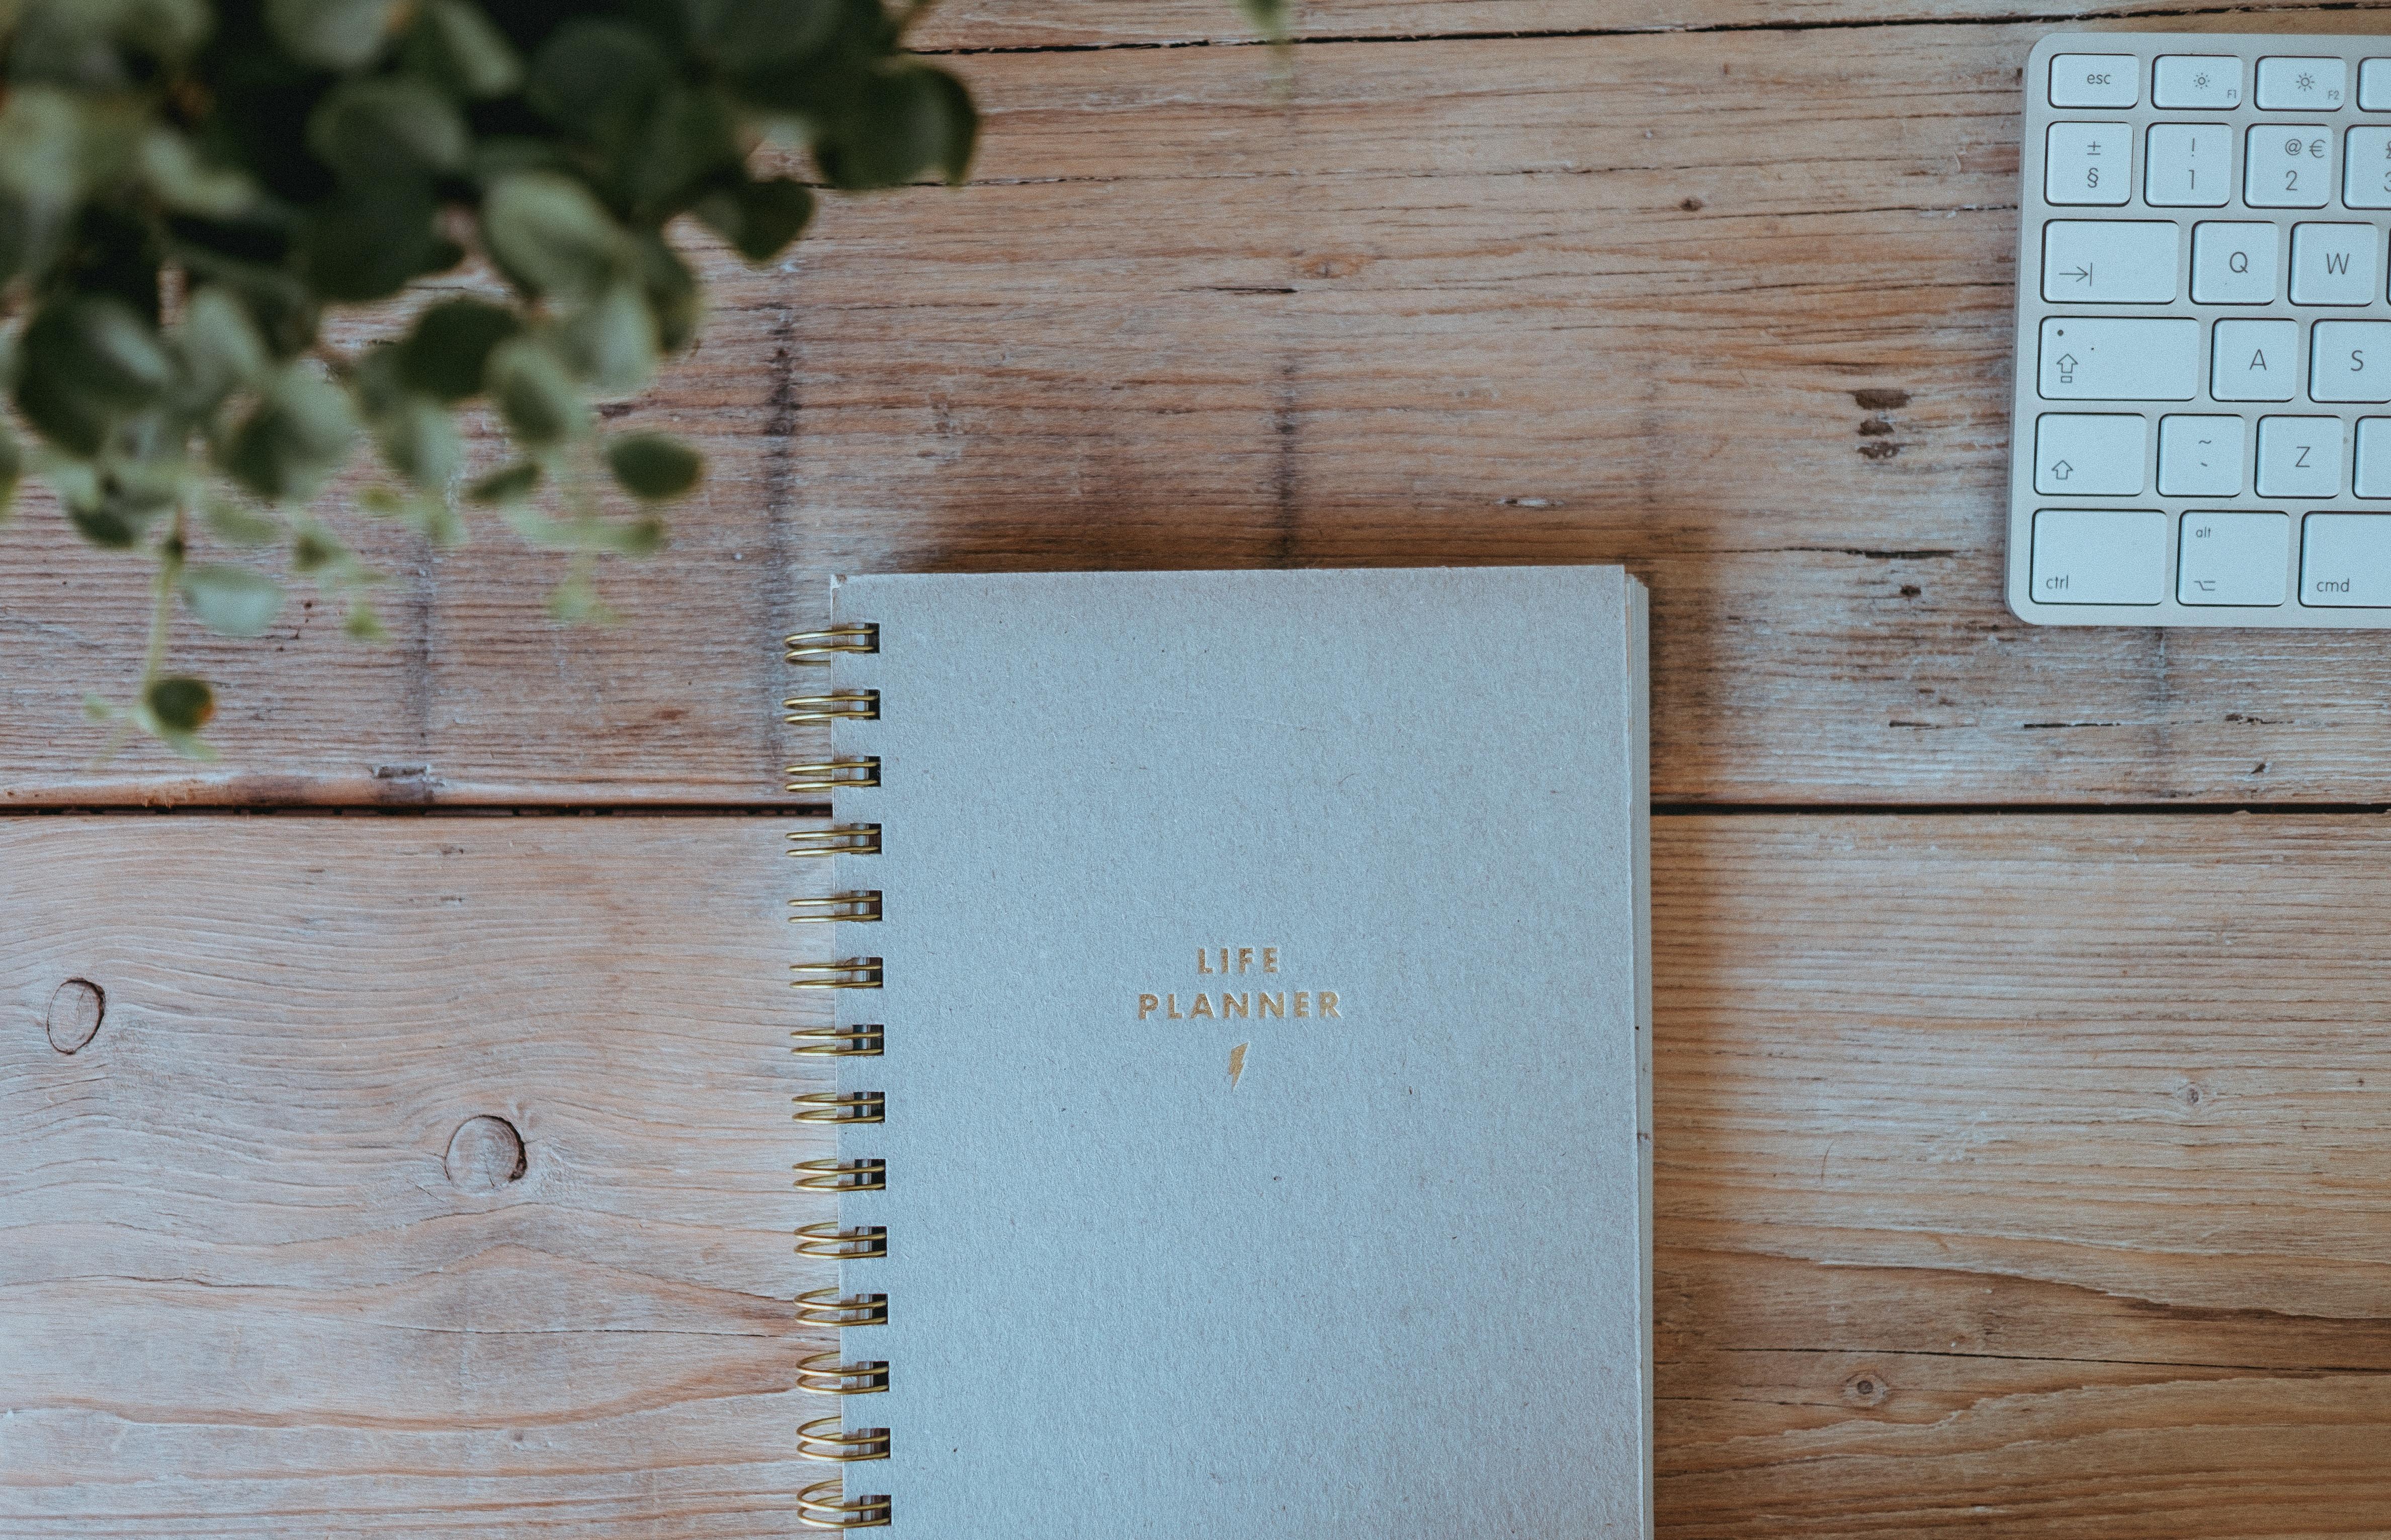 liste, agenda, s'organiser